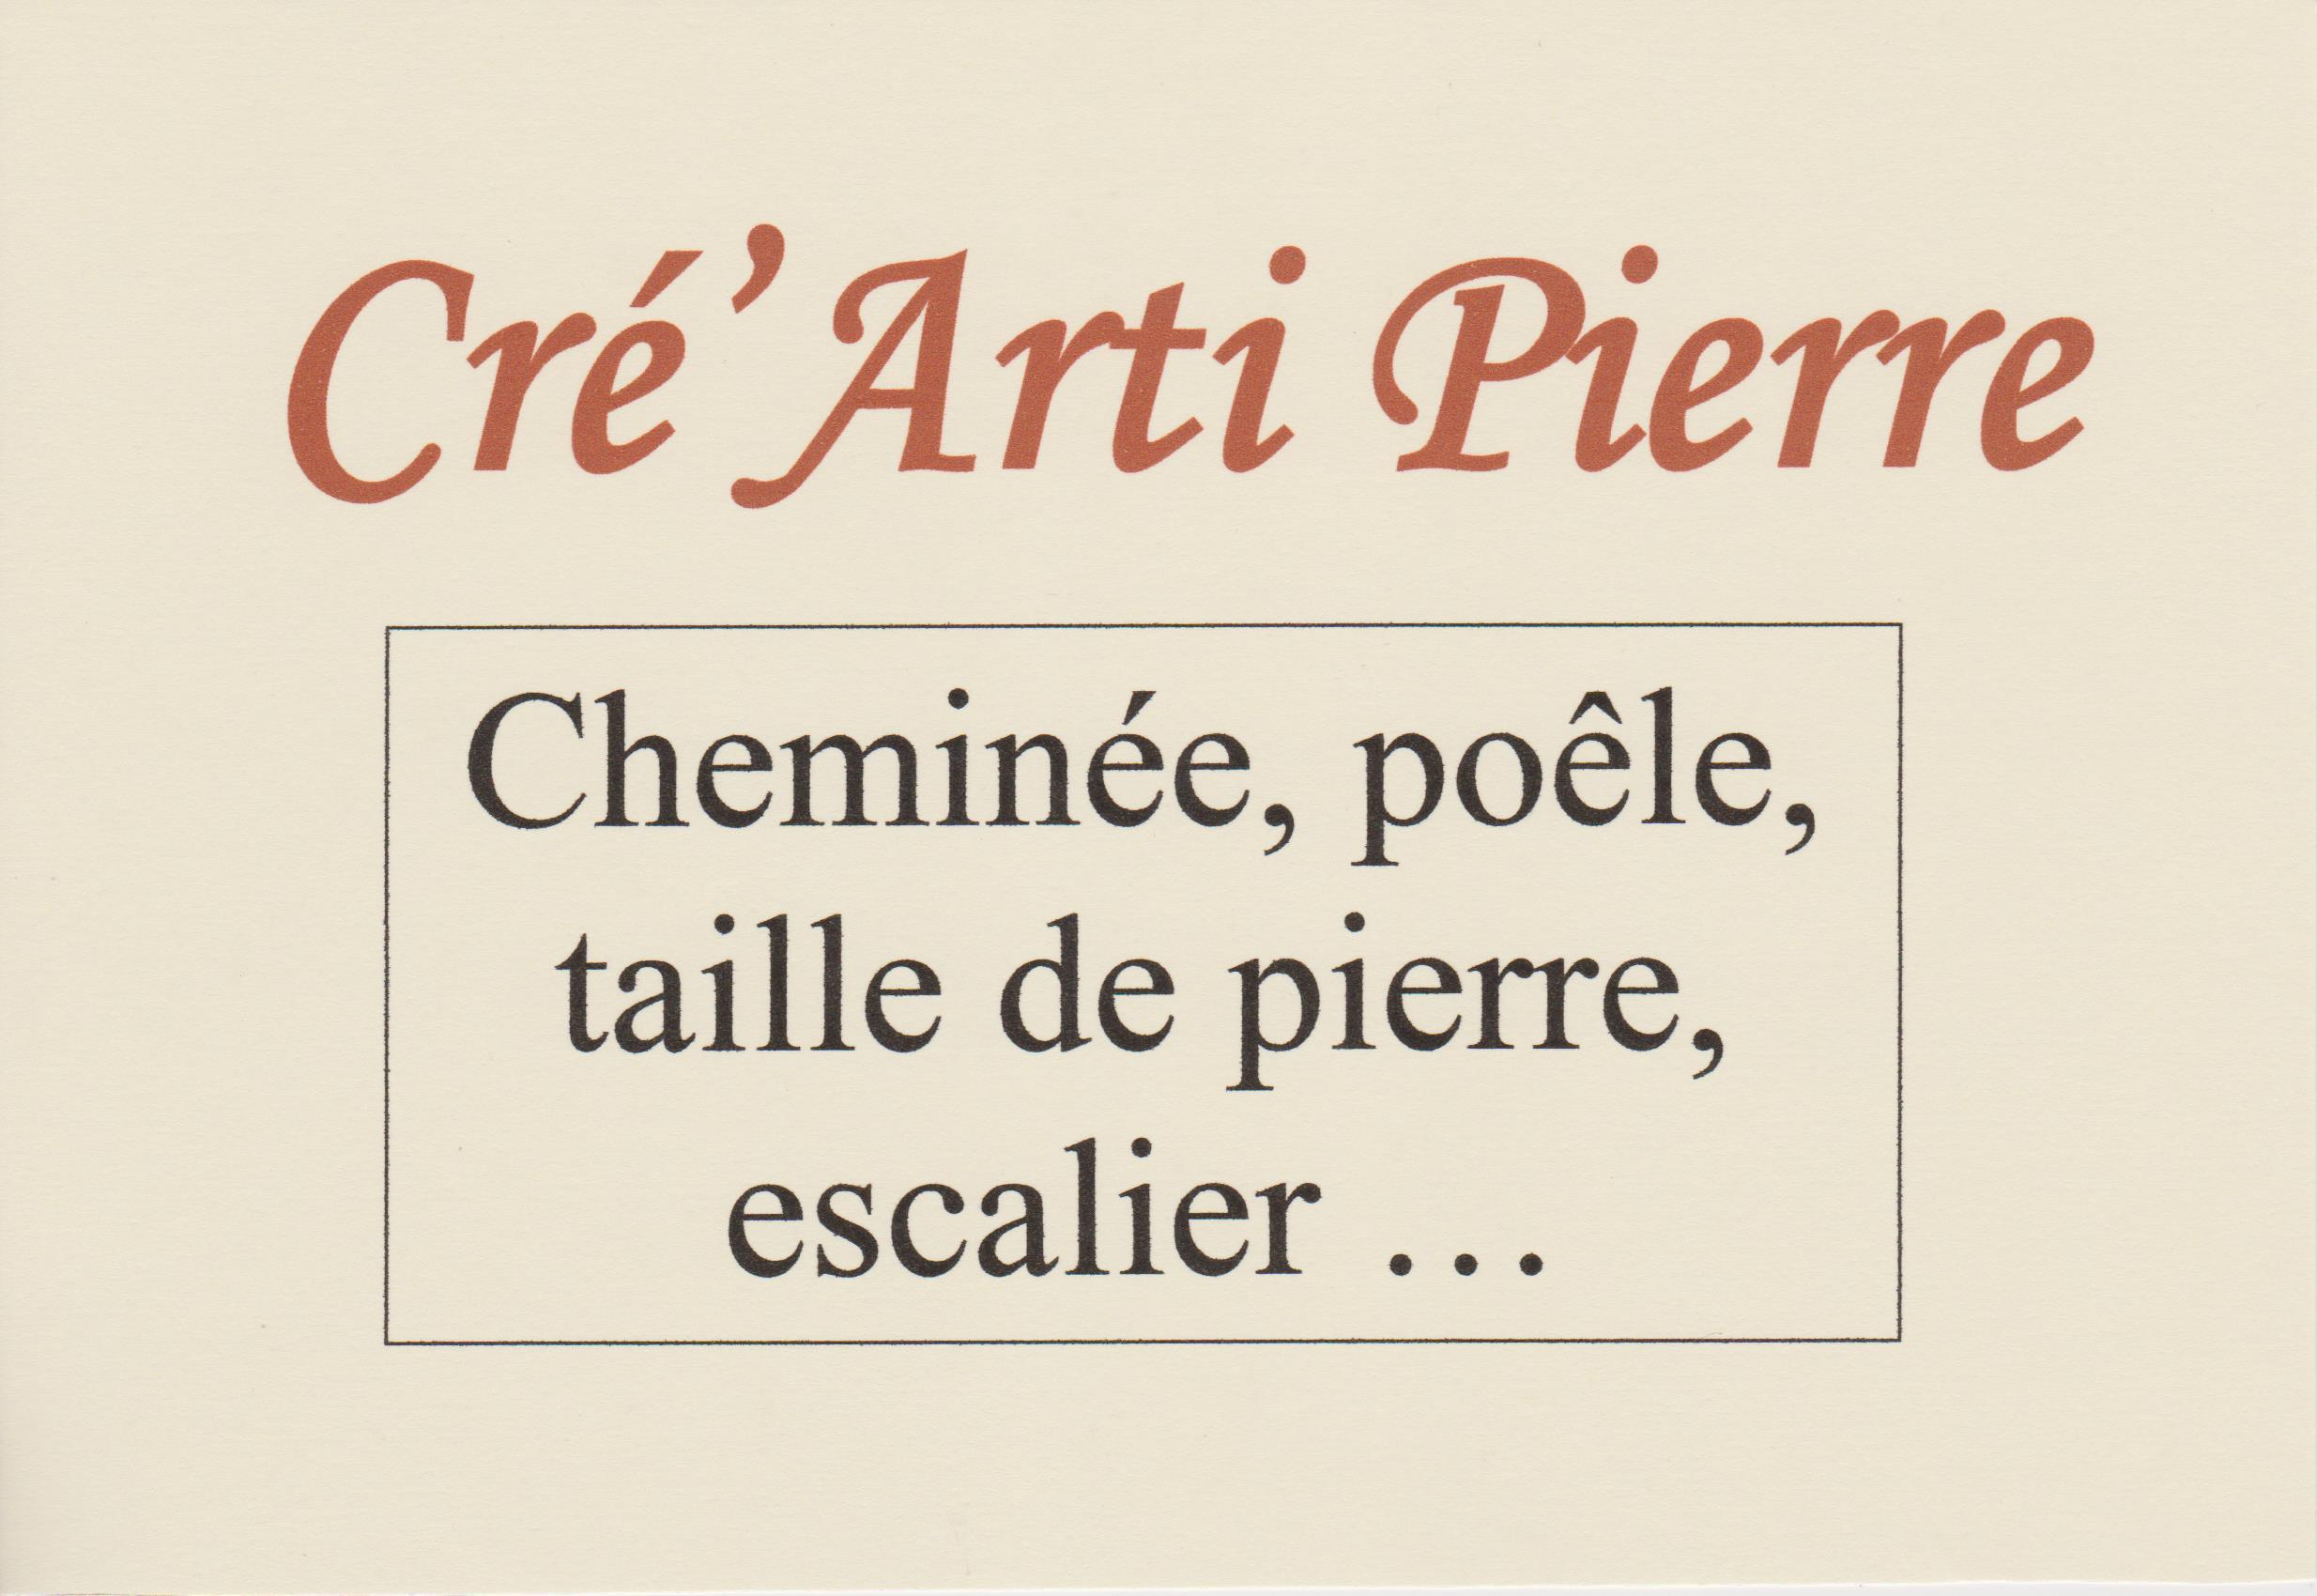 Cre'Arti Pierre